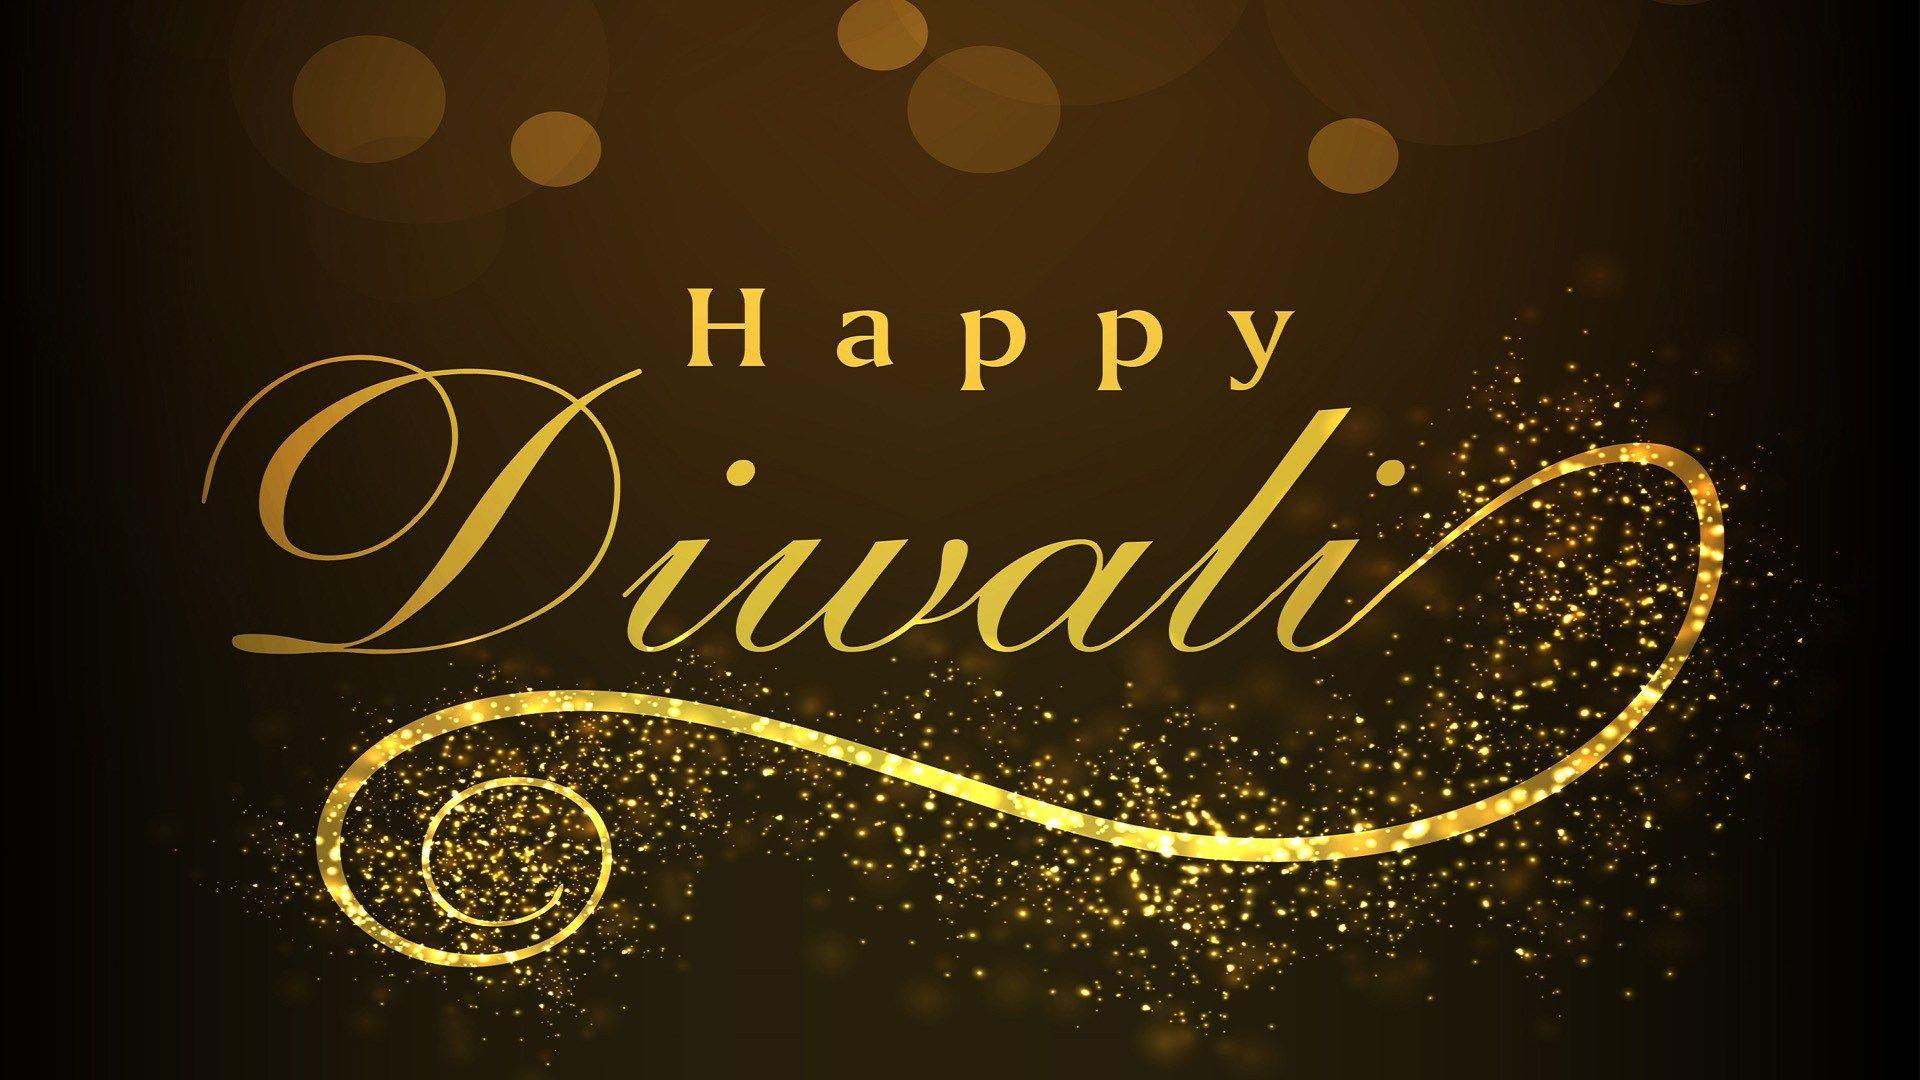 Diwali 2019 Images  #happychotidiwali